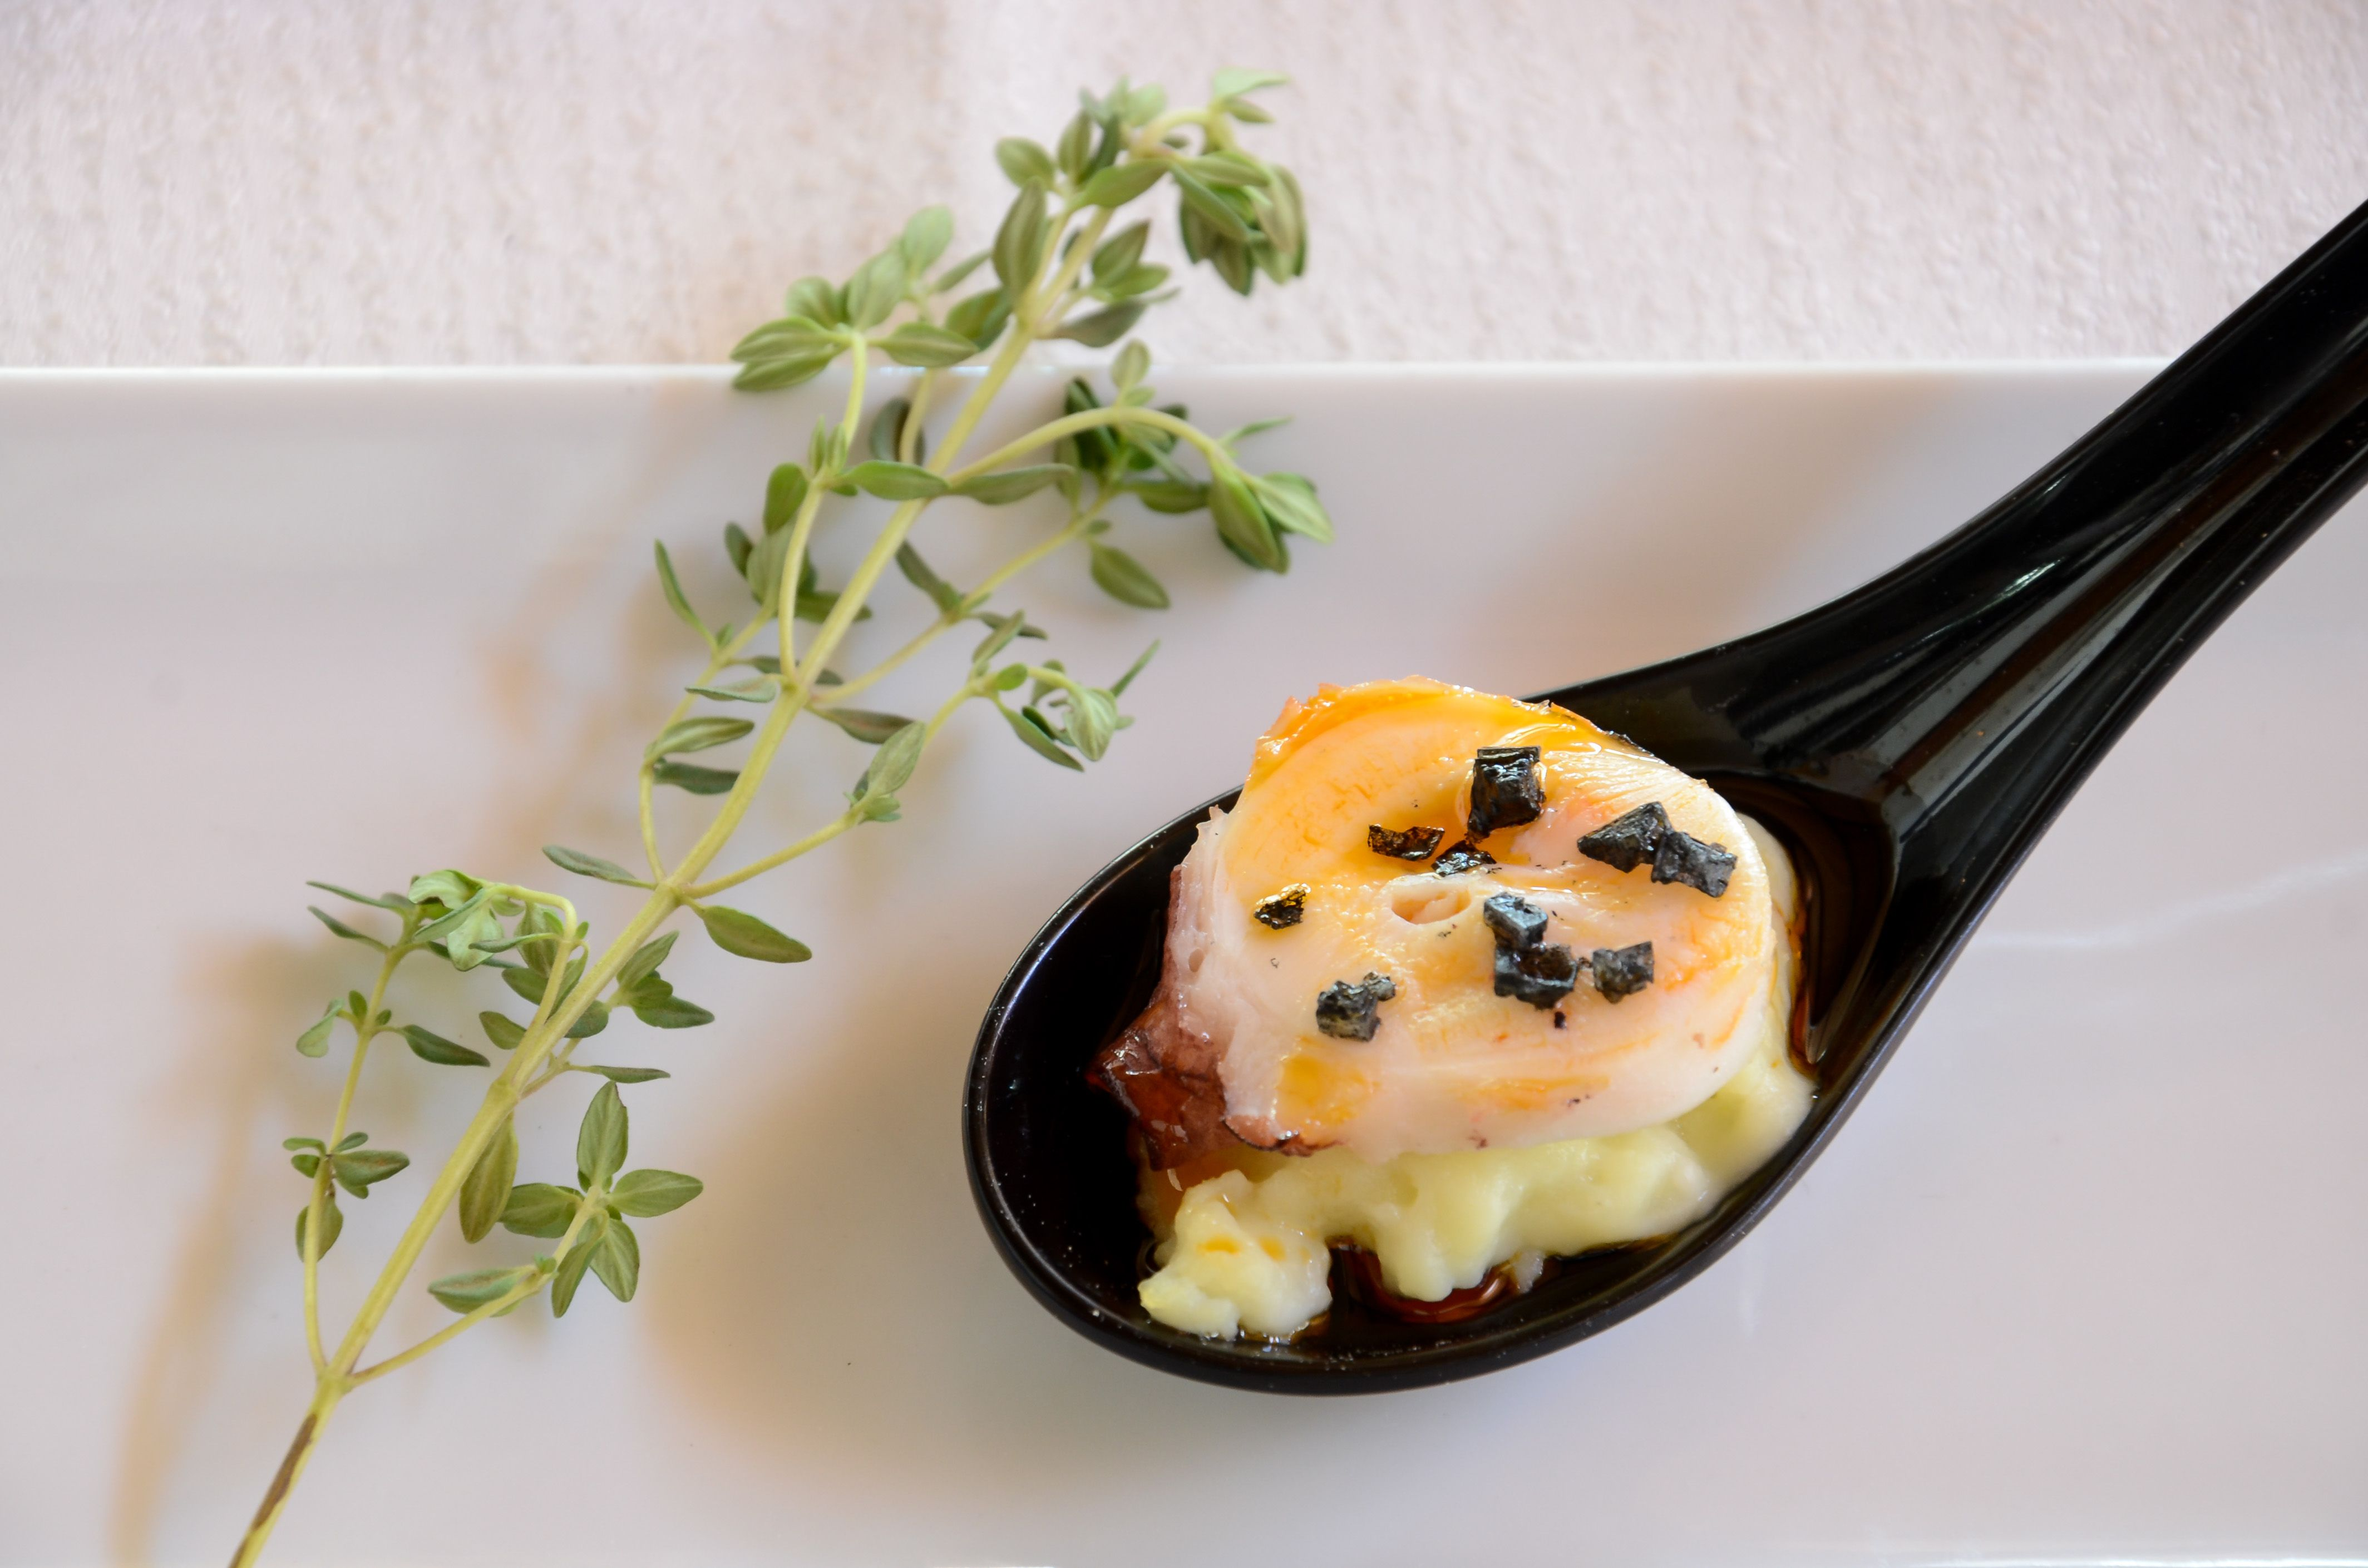 Servicio de cátering y menús para eventos en Murcia